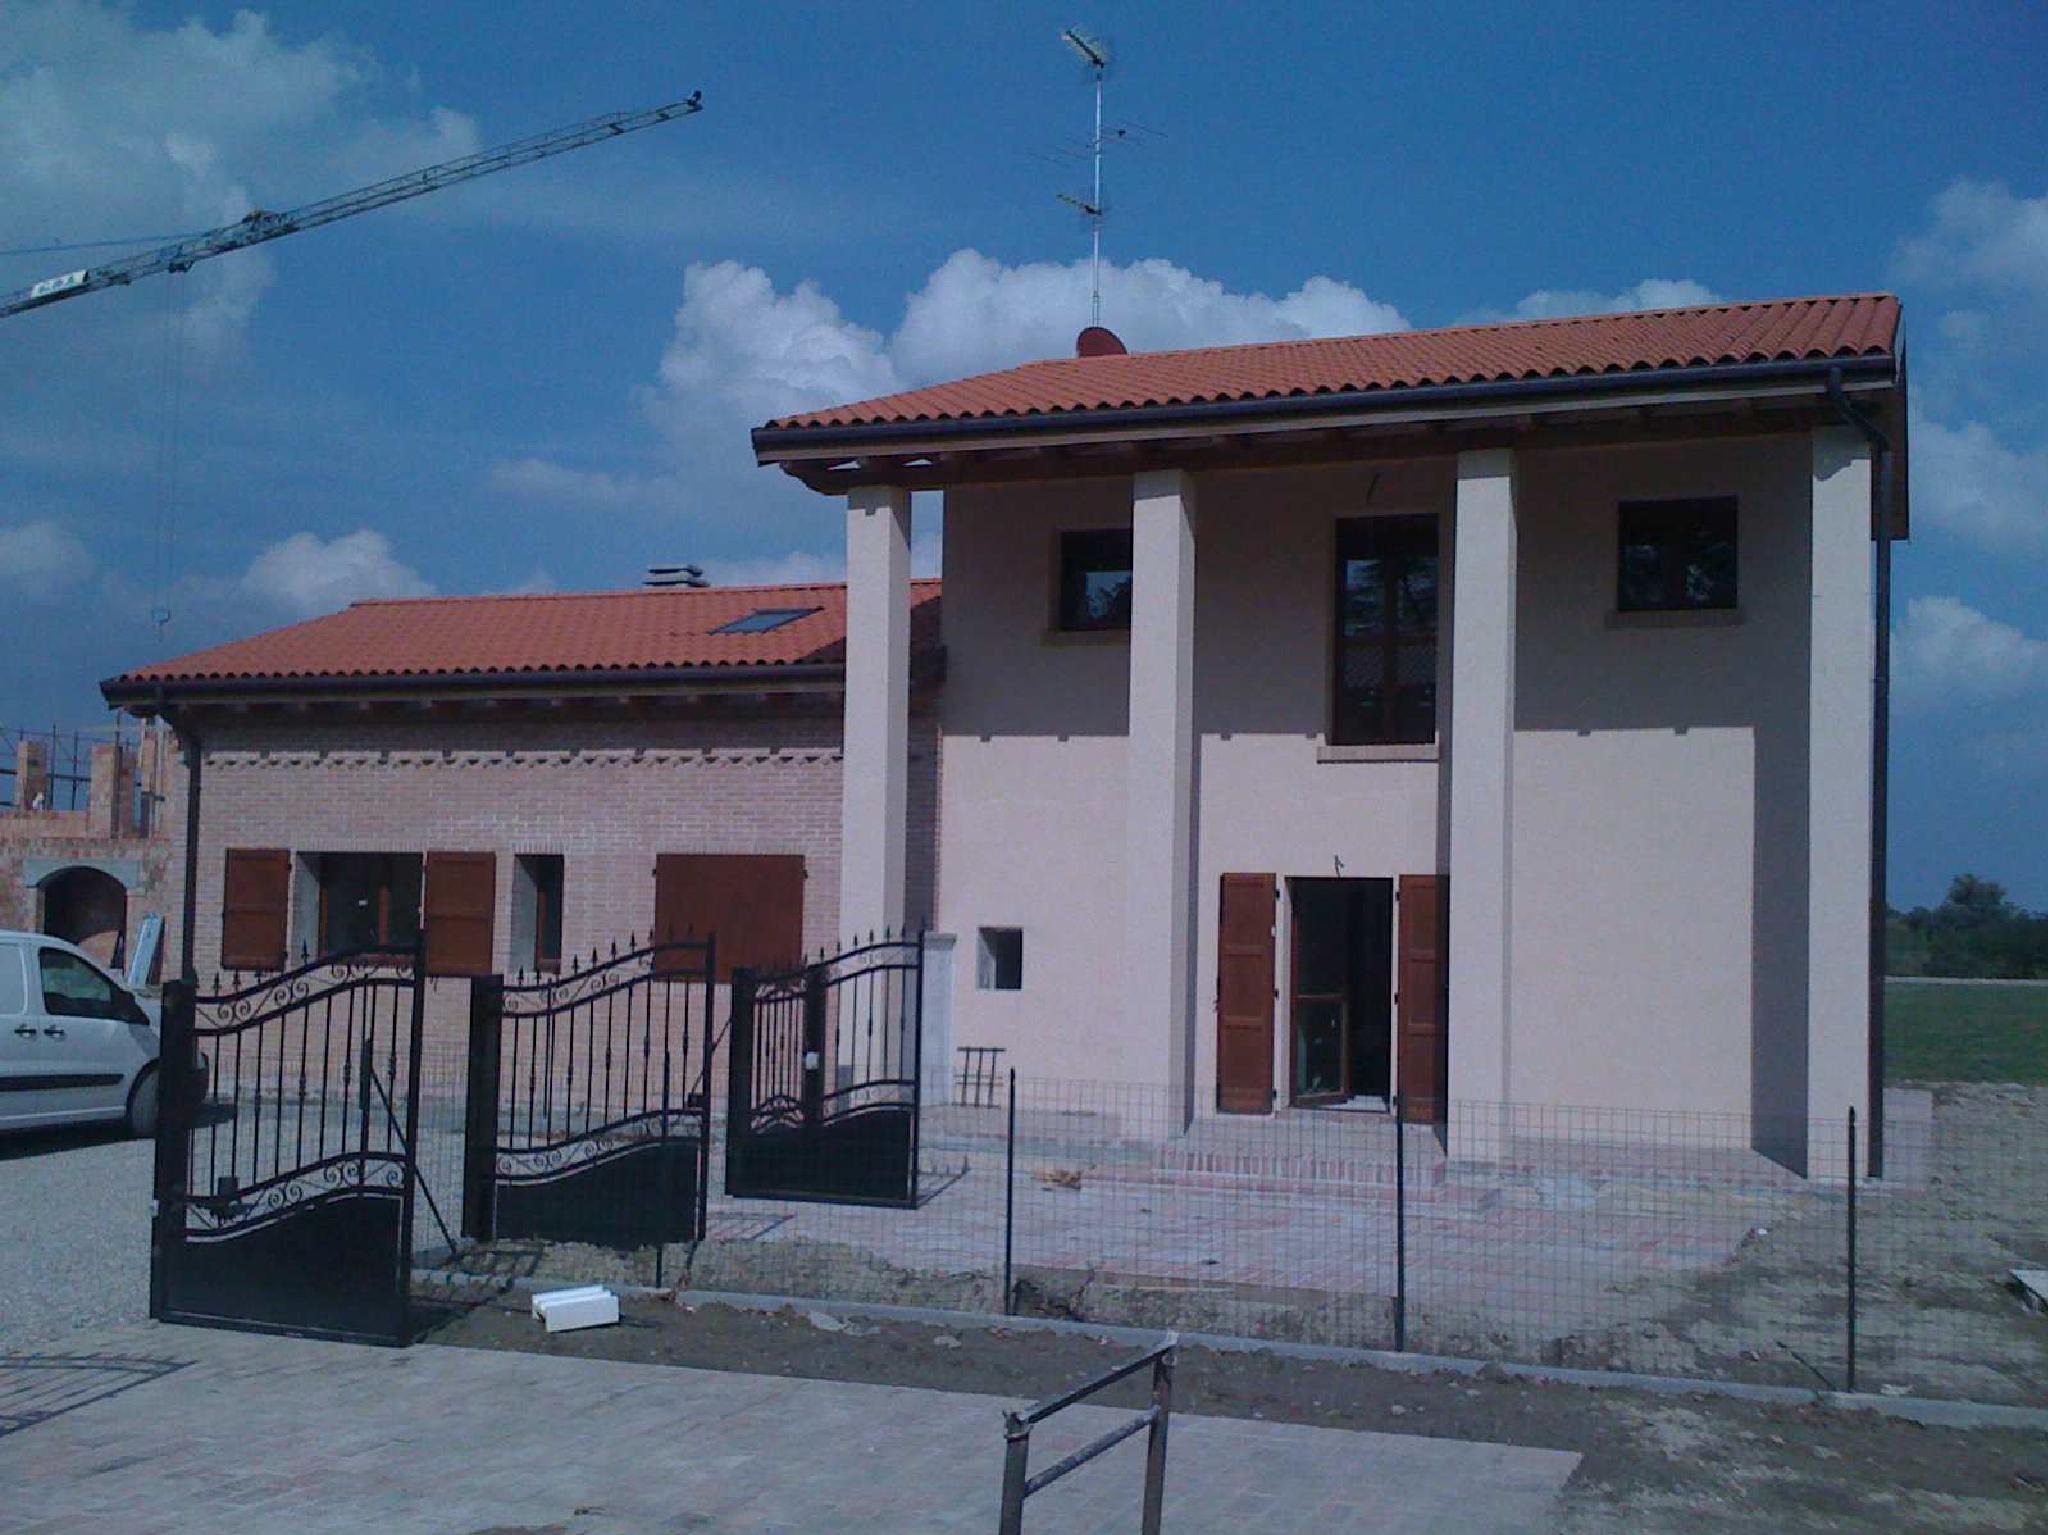 Progetto-Argenta-in-costruzione